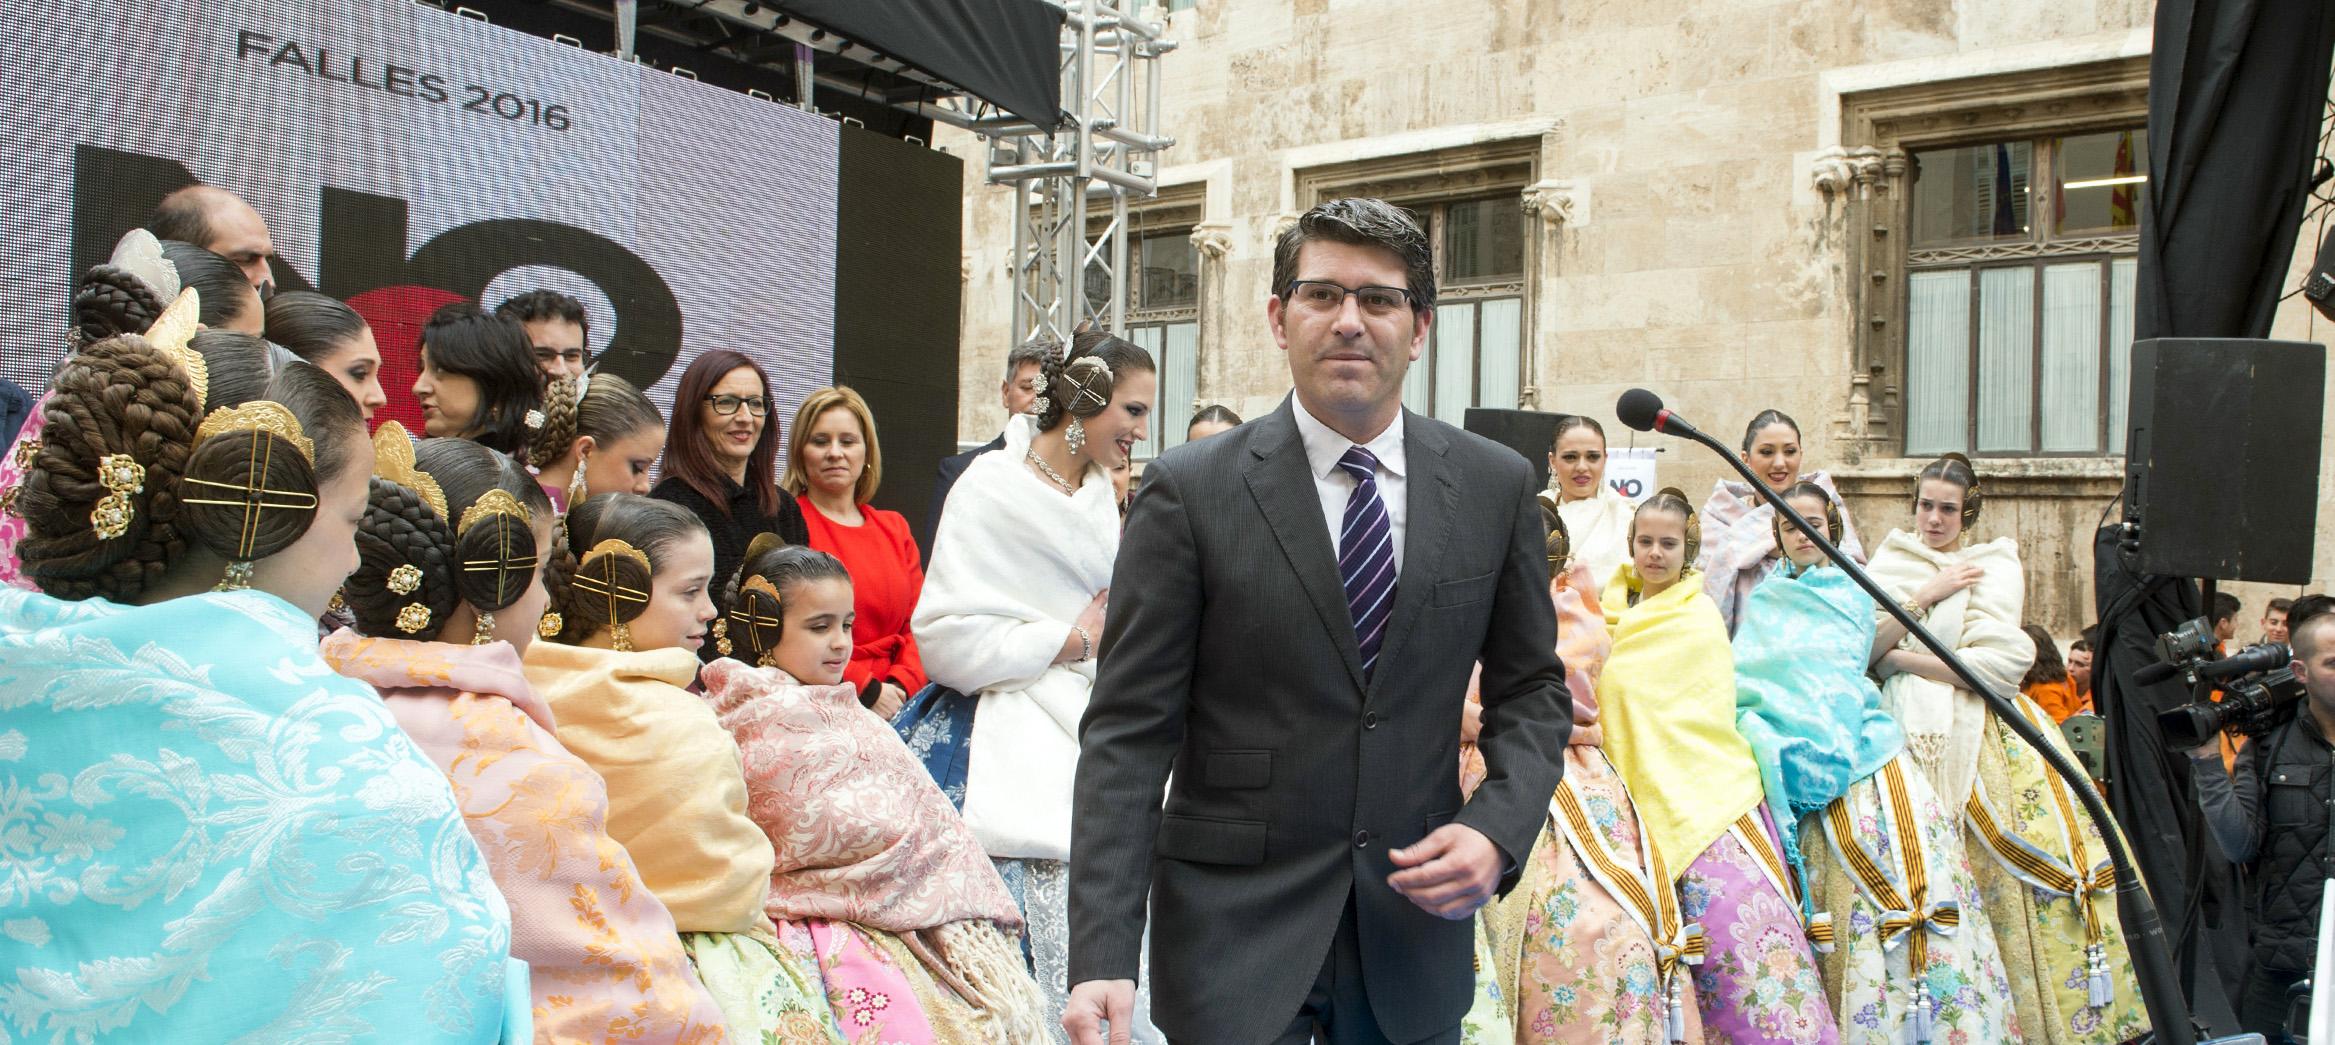 El presidente de la Diputación de Valencia, Jorge Rodríguez, en la recepción de Fallas 2016.